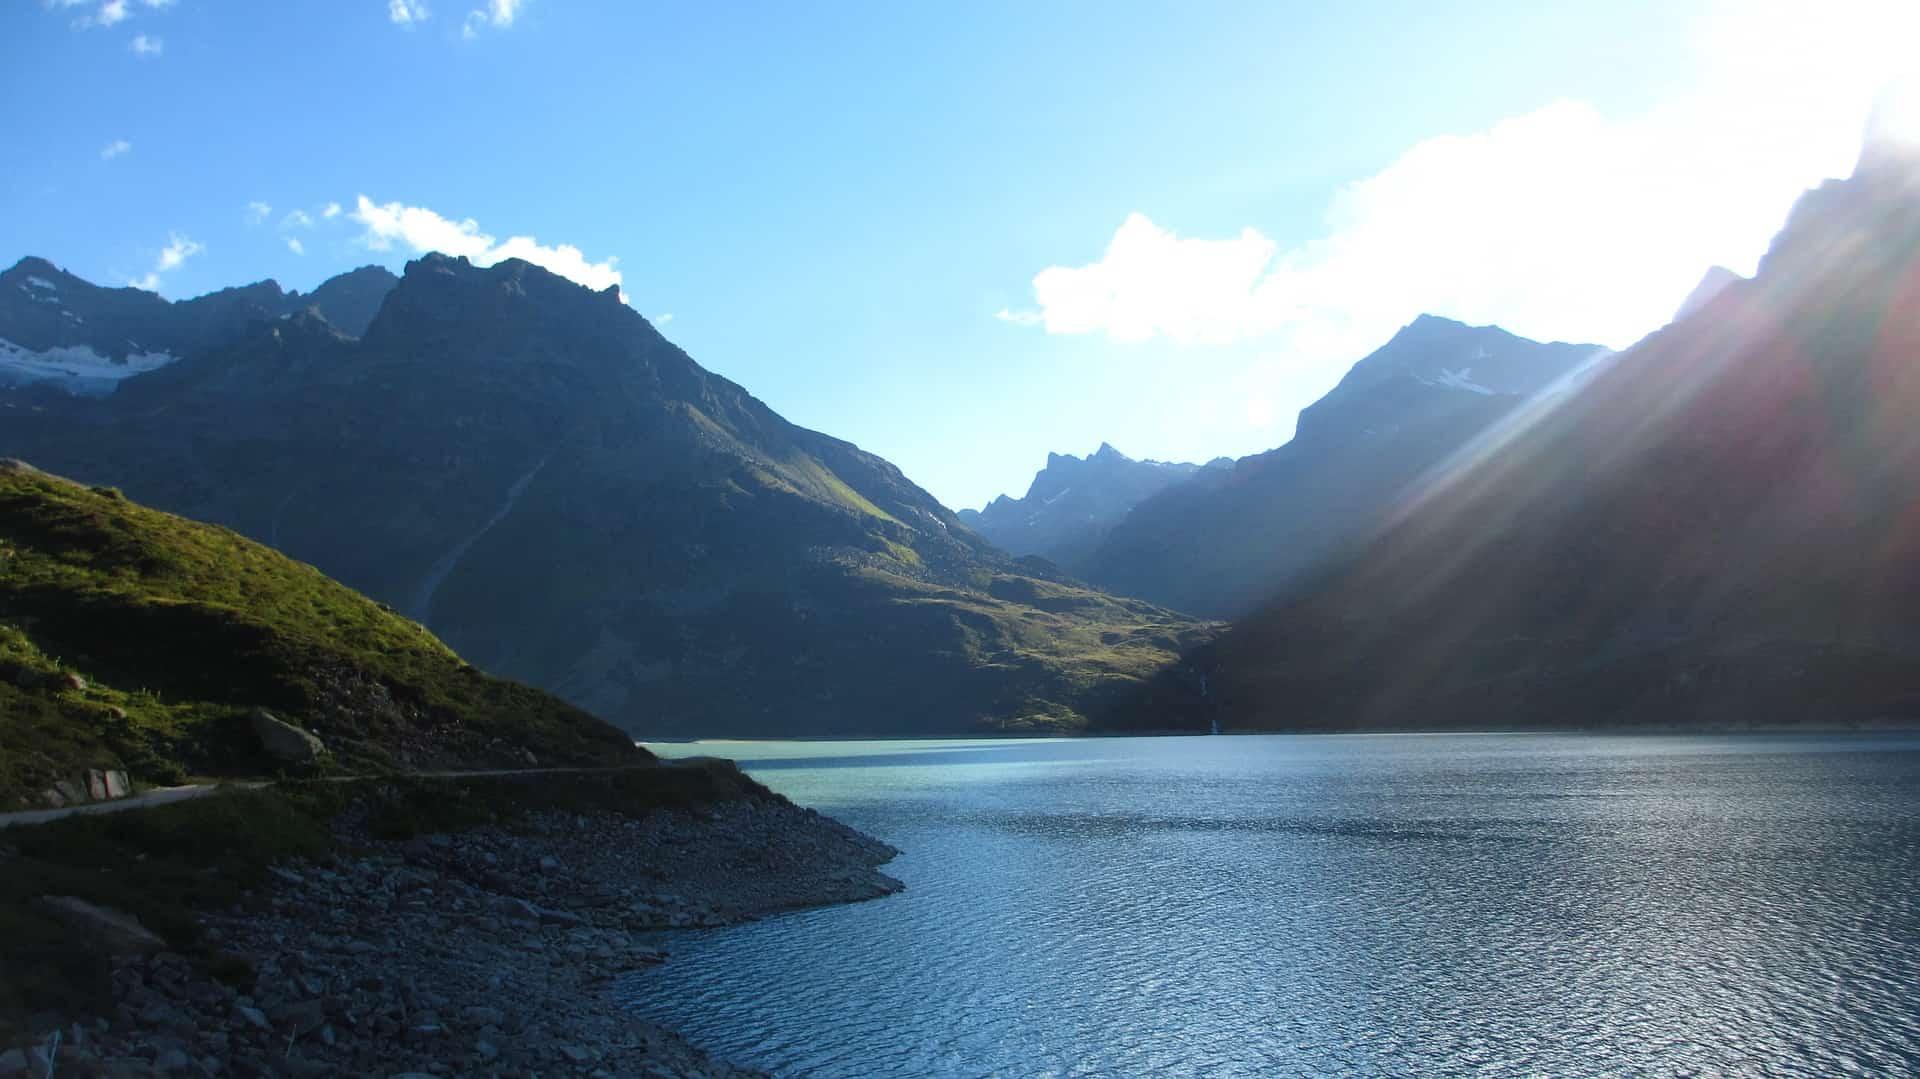 Der Silvretta-Stausee im Sommer